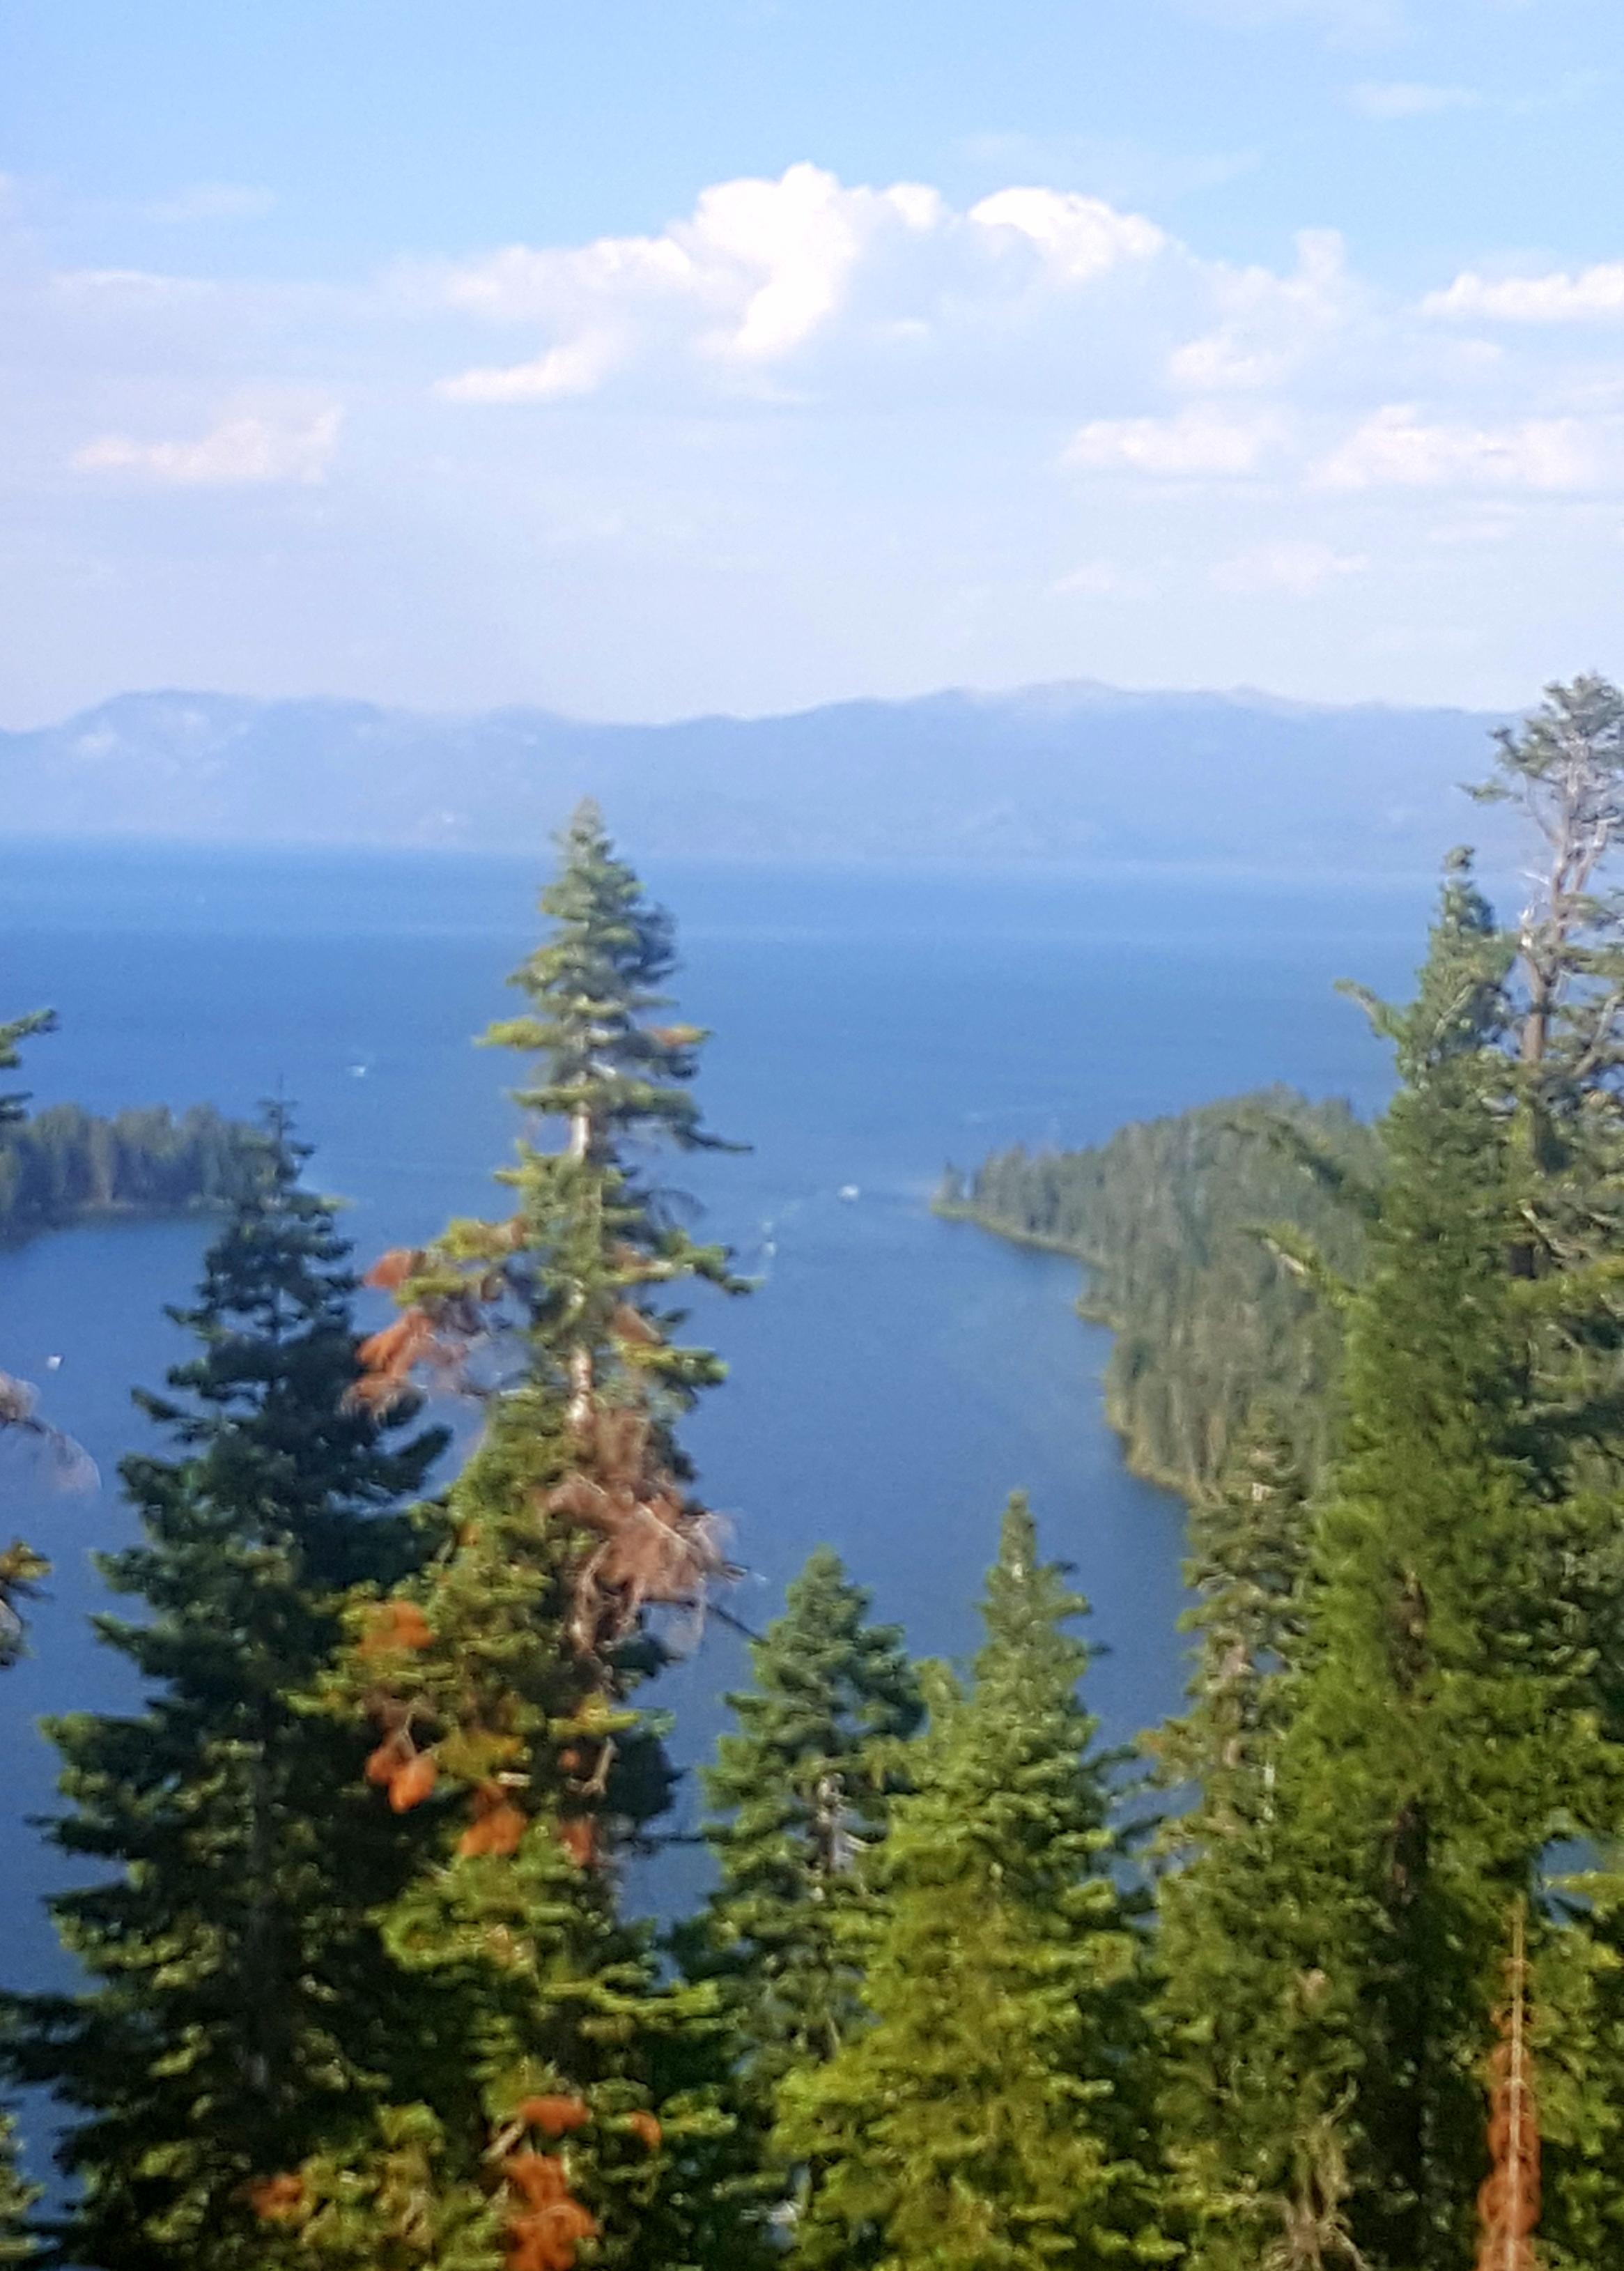 Lake Tahoe Summer Getaway: Three Days Of Summer In Lake Tahoe